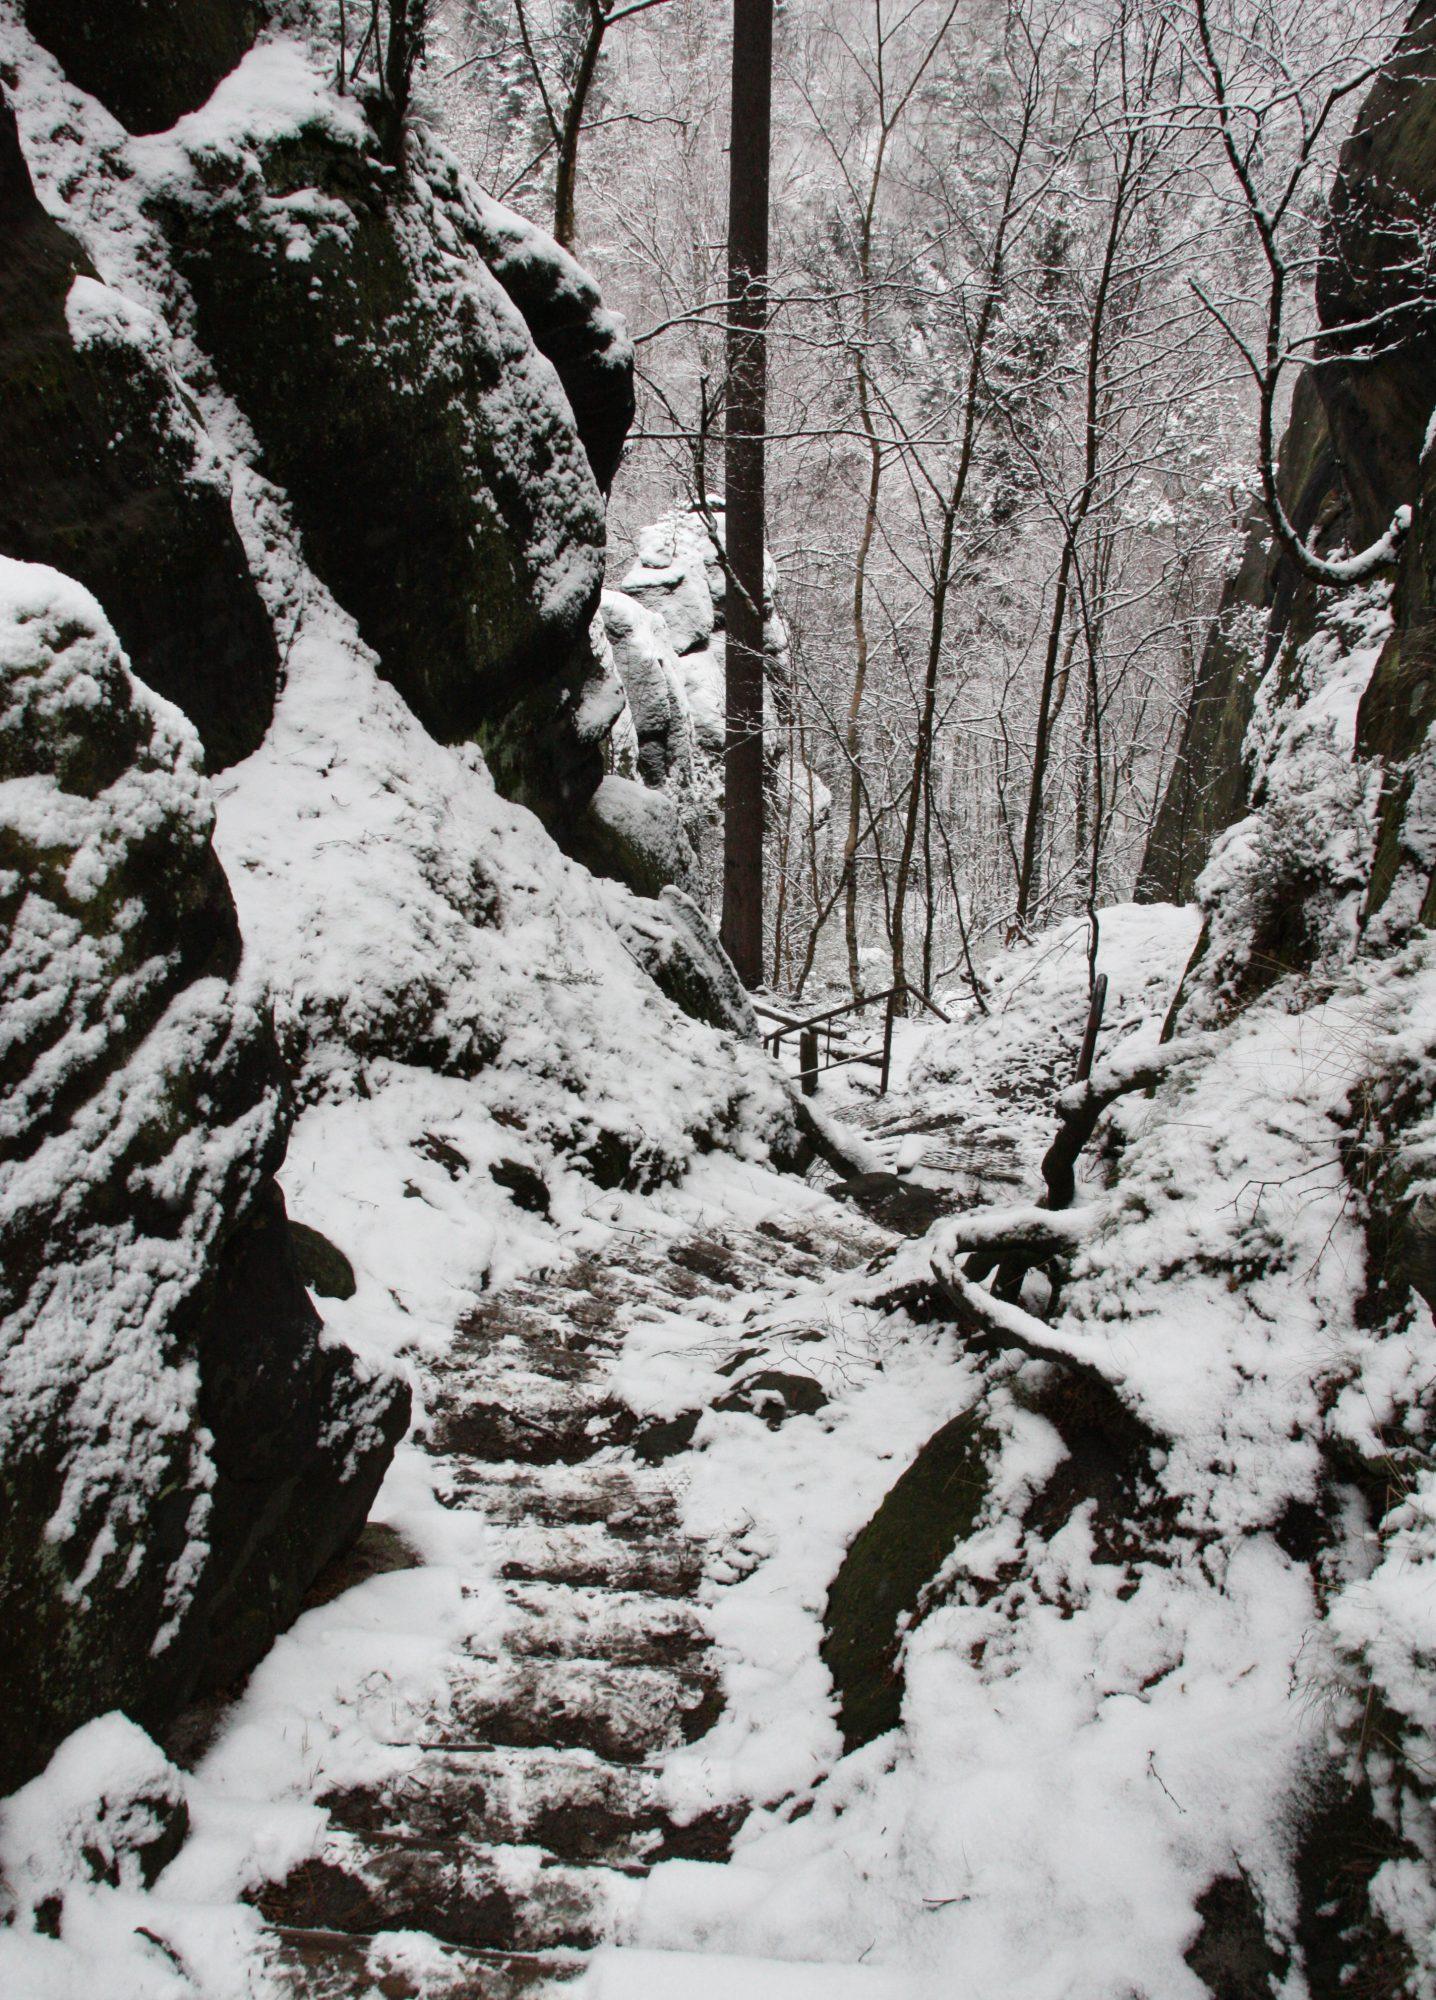 Aufstieg, Carolafelsen, Elbsandsteingebirge, Sächsische Schweiz, Wandern, Wandertour